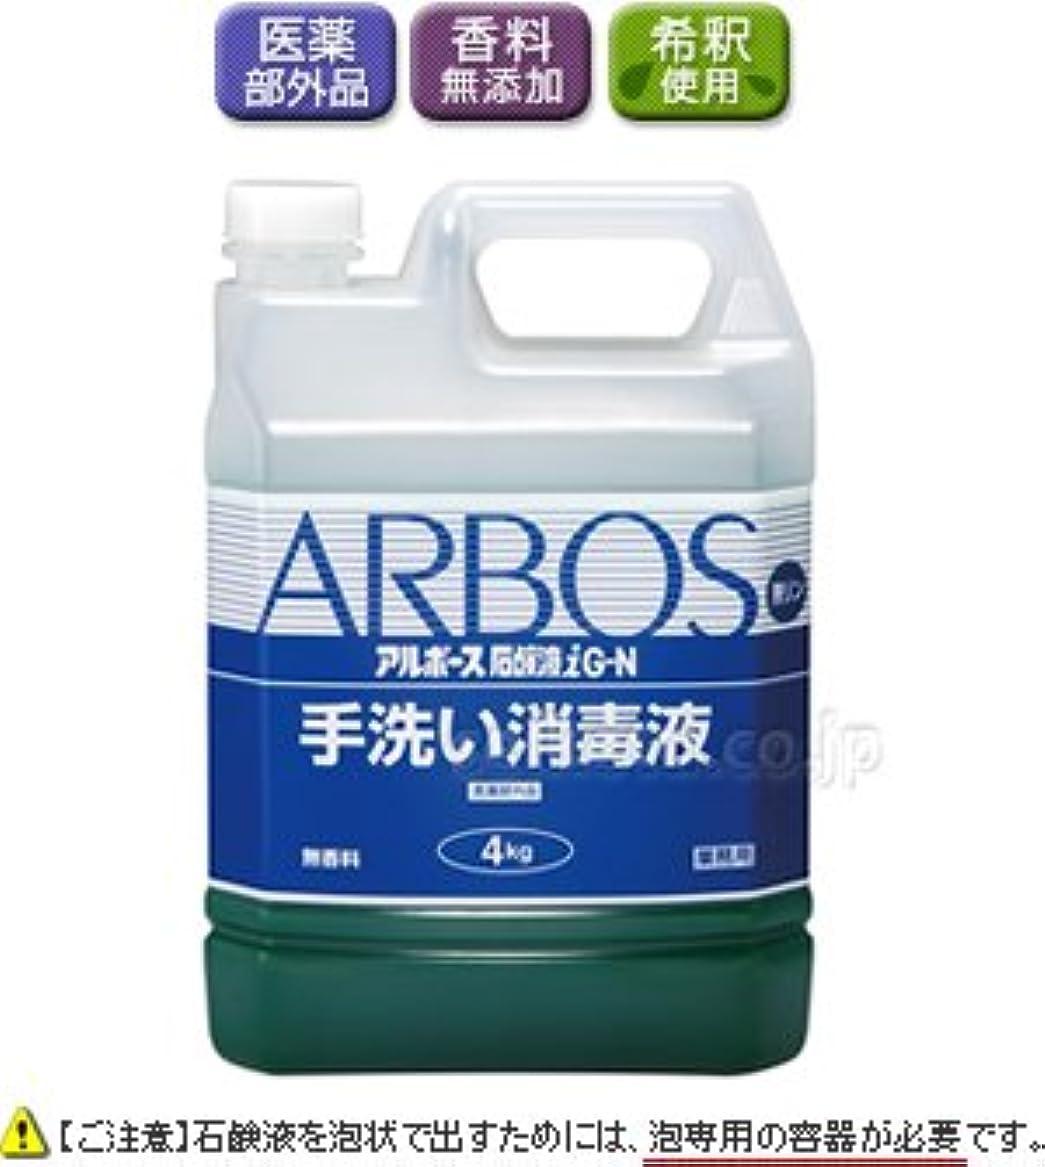 バナナ置換気質【清潔キレイ館】アルボース石鹸液iG-N(4kg×1本)